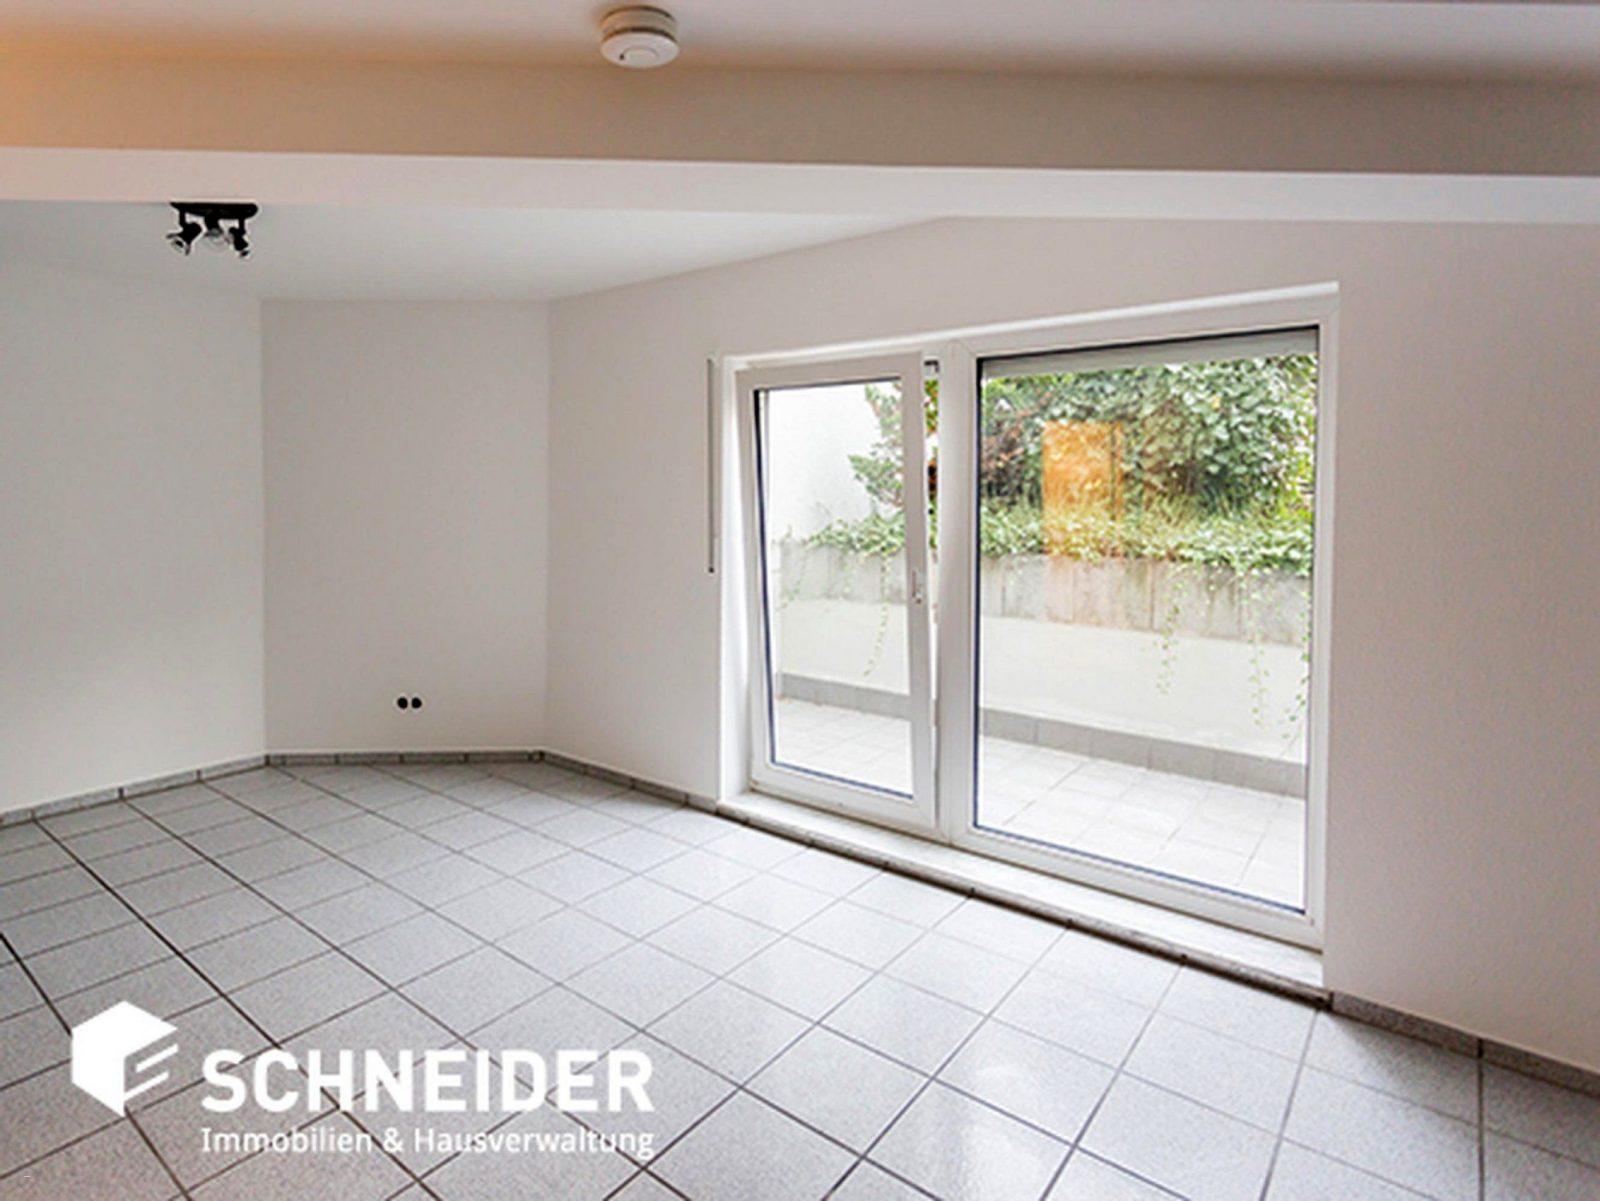 Wandfarbe Apricot Sch Ner Wohnen Haus Design Ideen